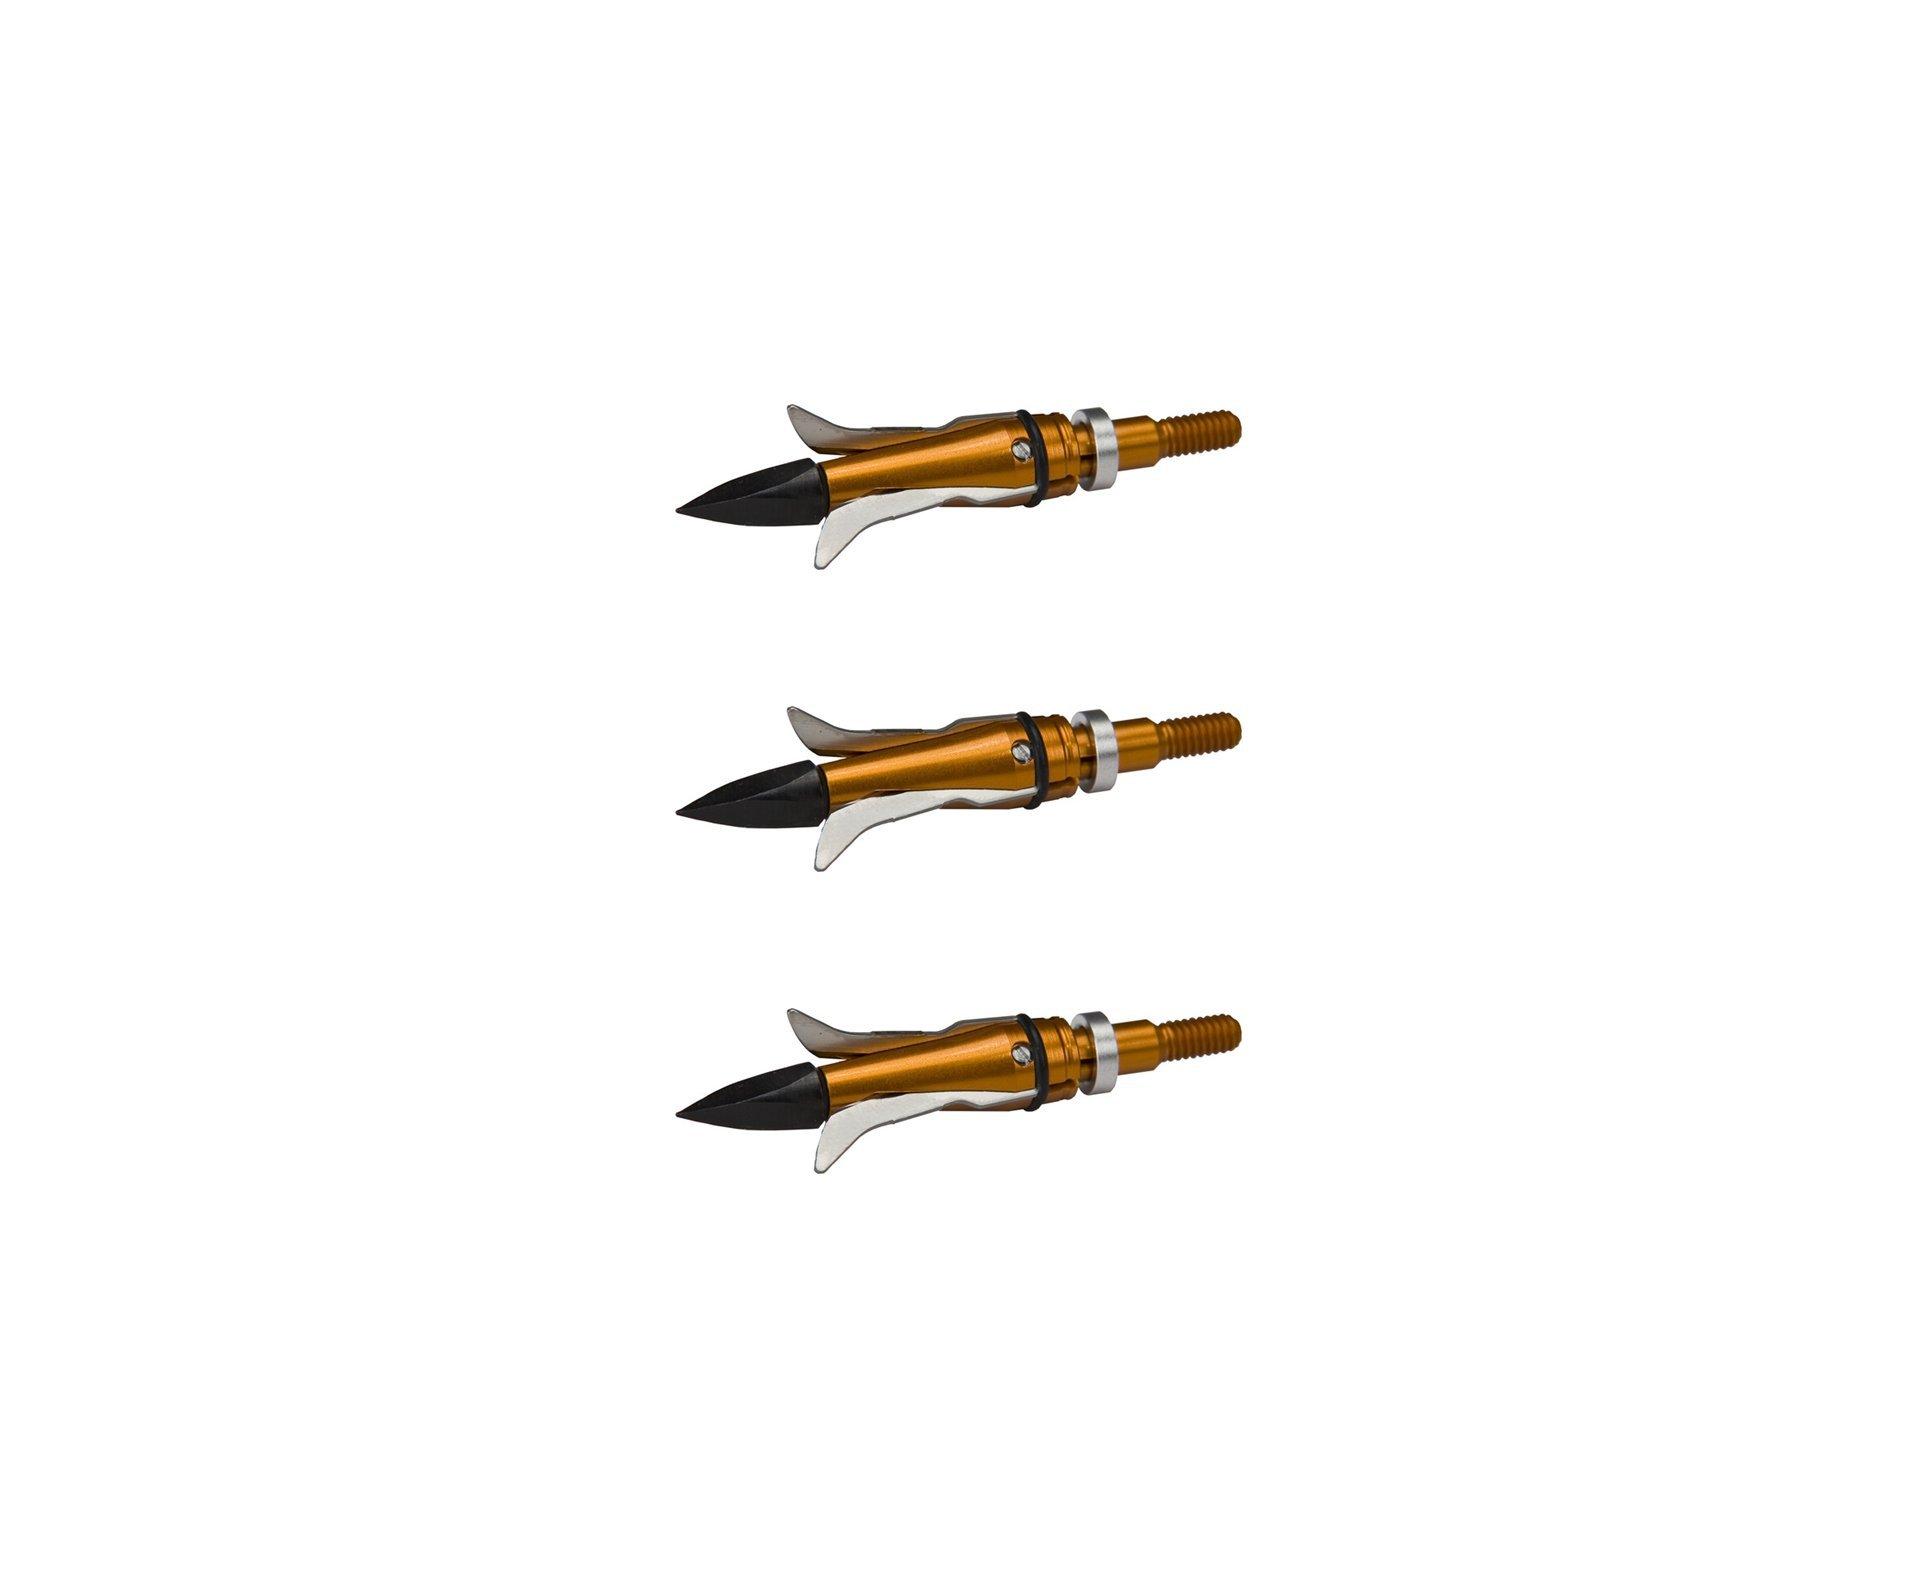 Kit De 3 Ponteiras Gamecrusher 100gr Para Flechas - Barnett